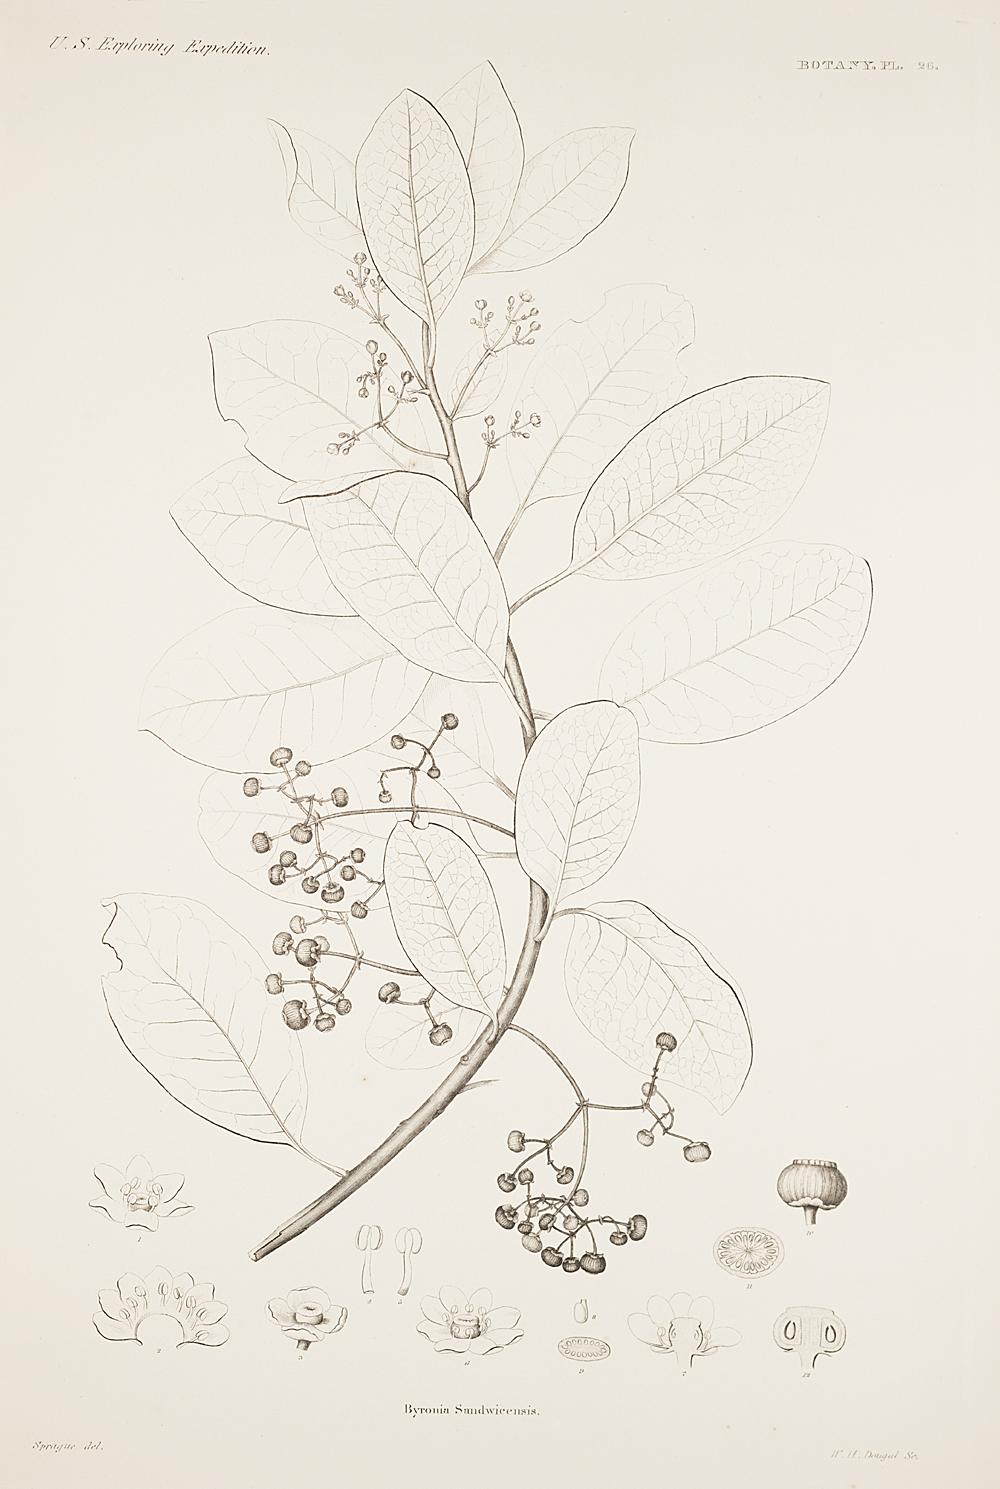 Botany, Pl. 26,  Image number:sil19-23-063b